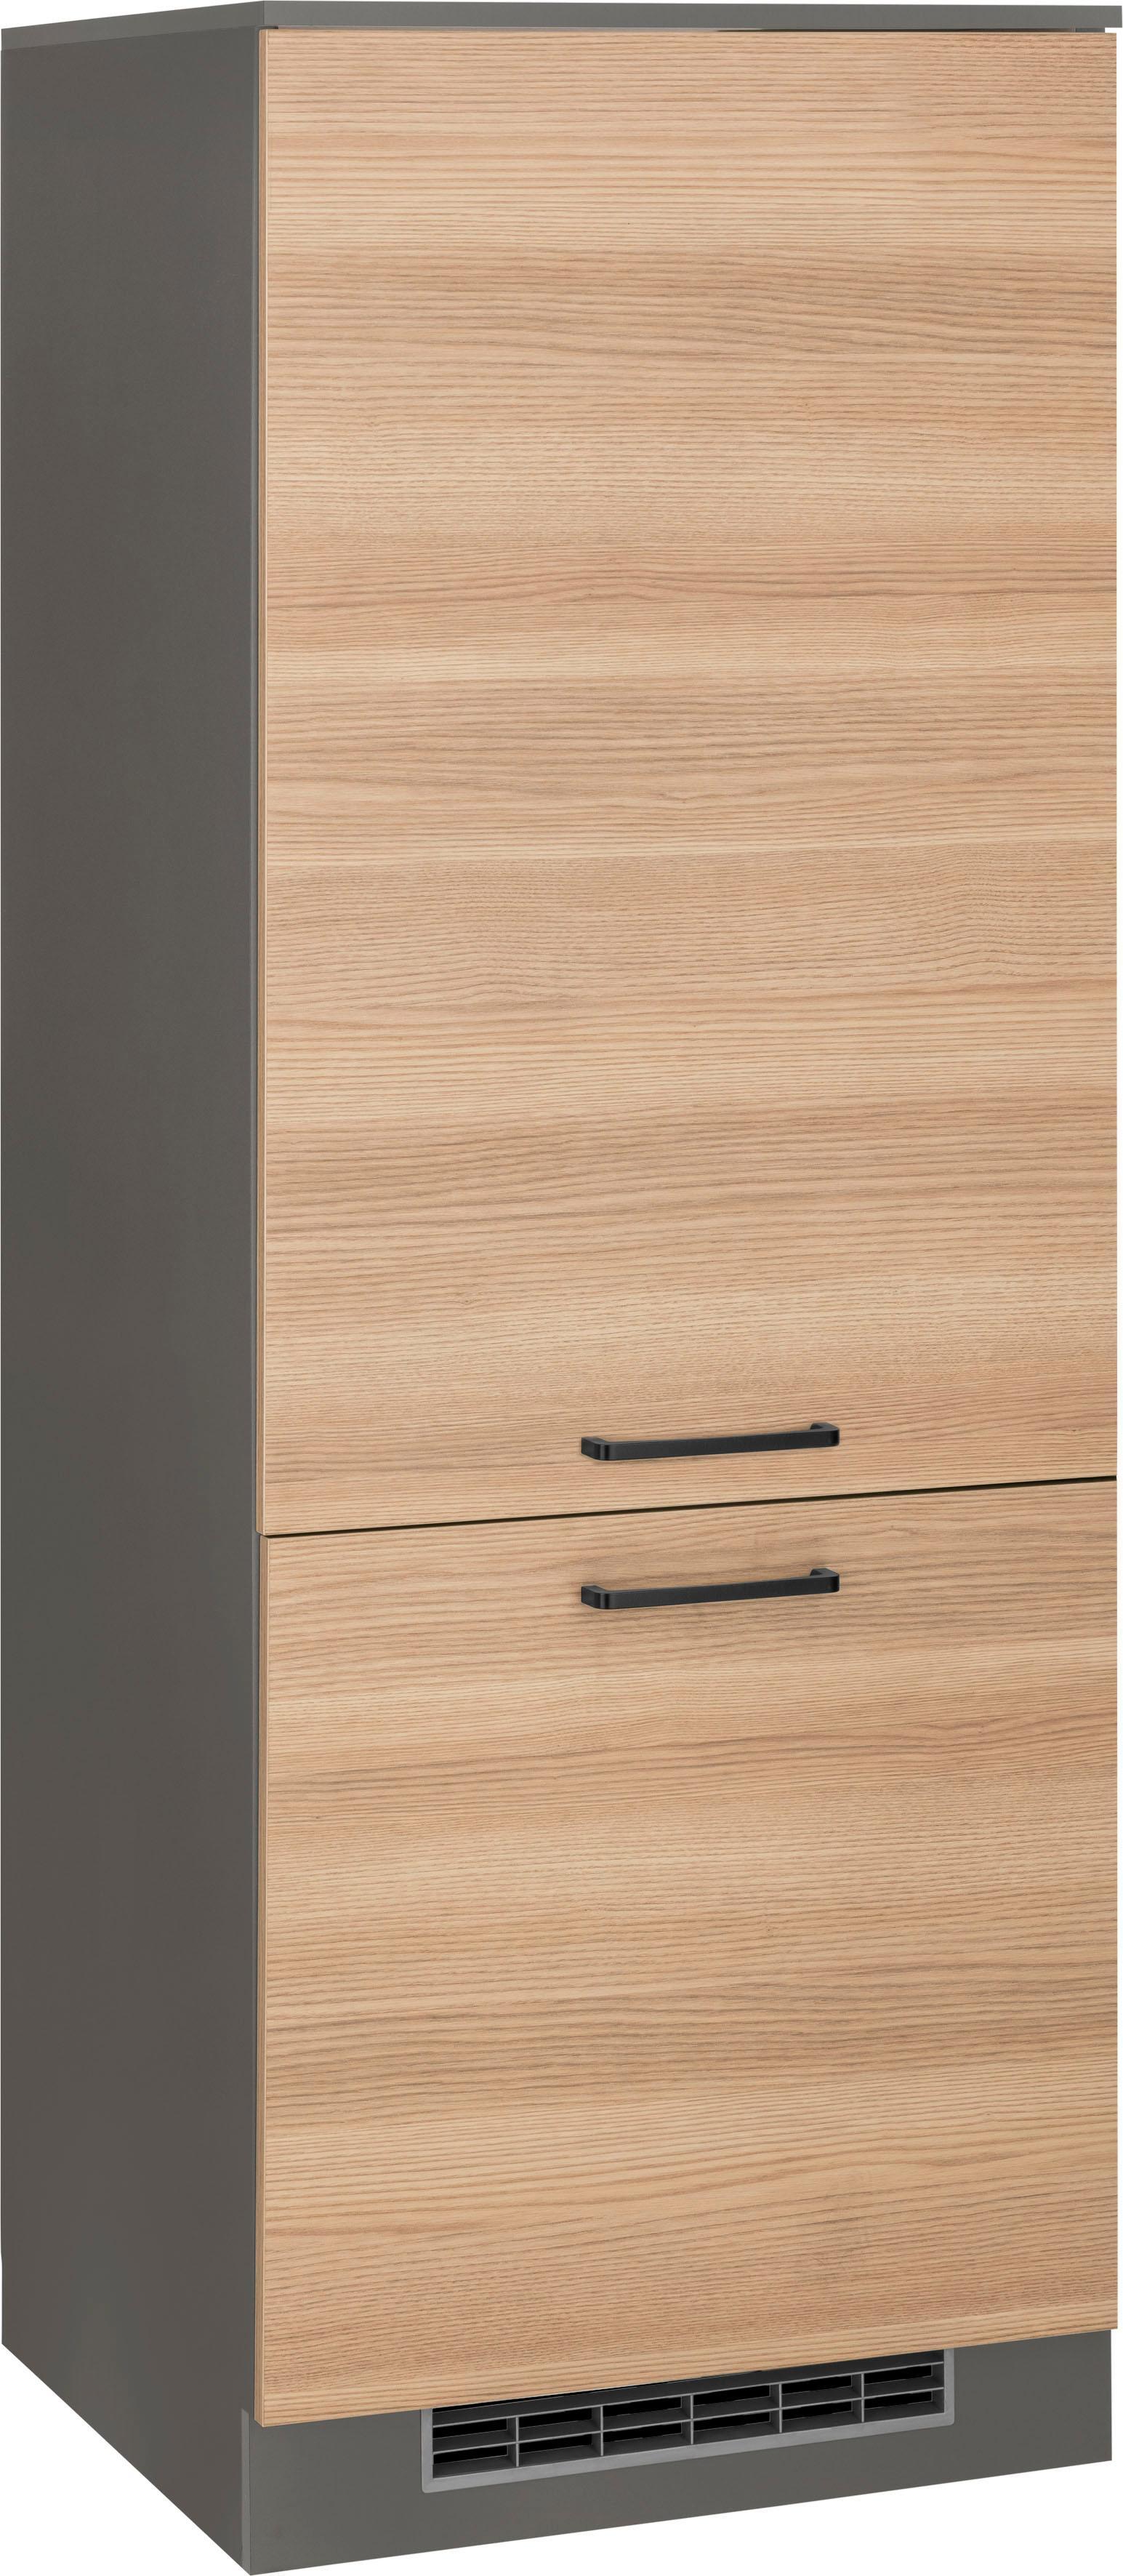 Wiho Küchen Kühlumbauschrank Esbo   Küche und Esszimmer > Küchenschränke > Umbauschränke   Melamin   Wiho Küchen